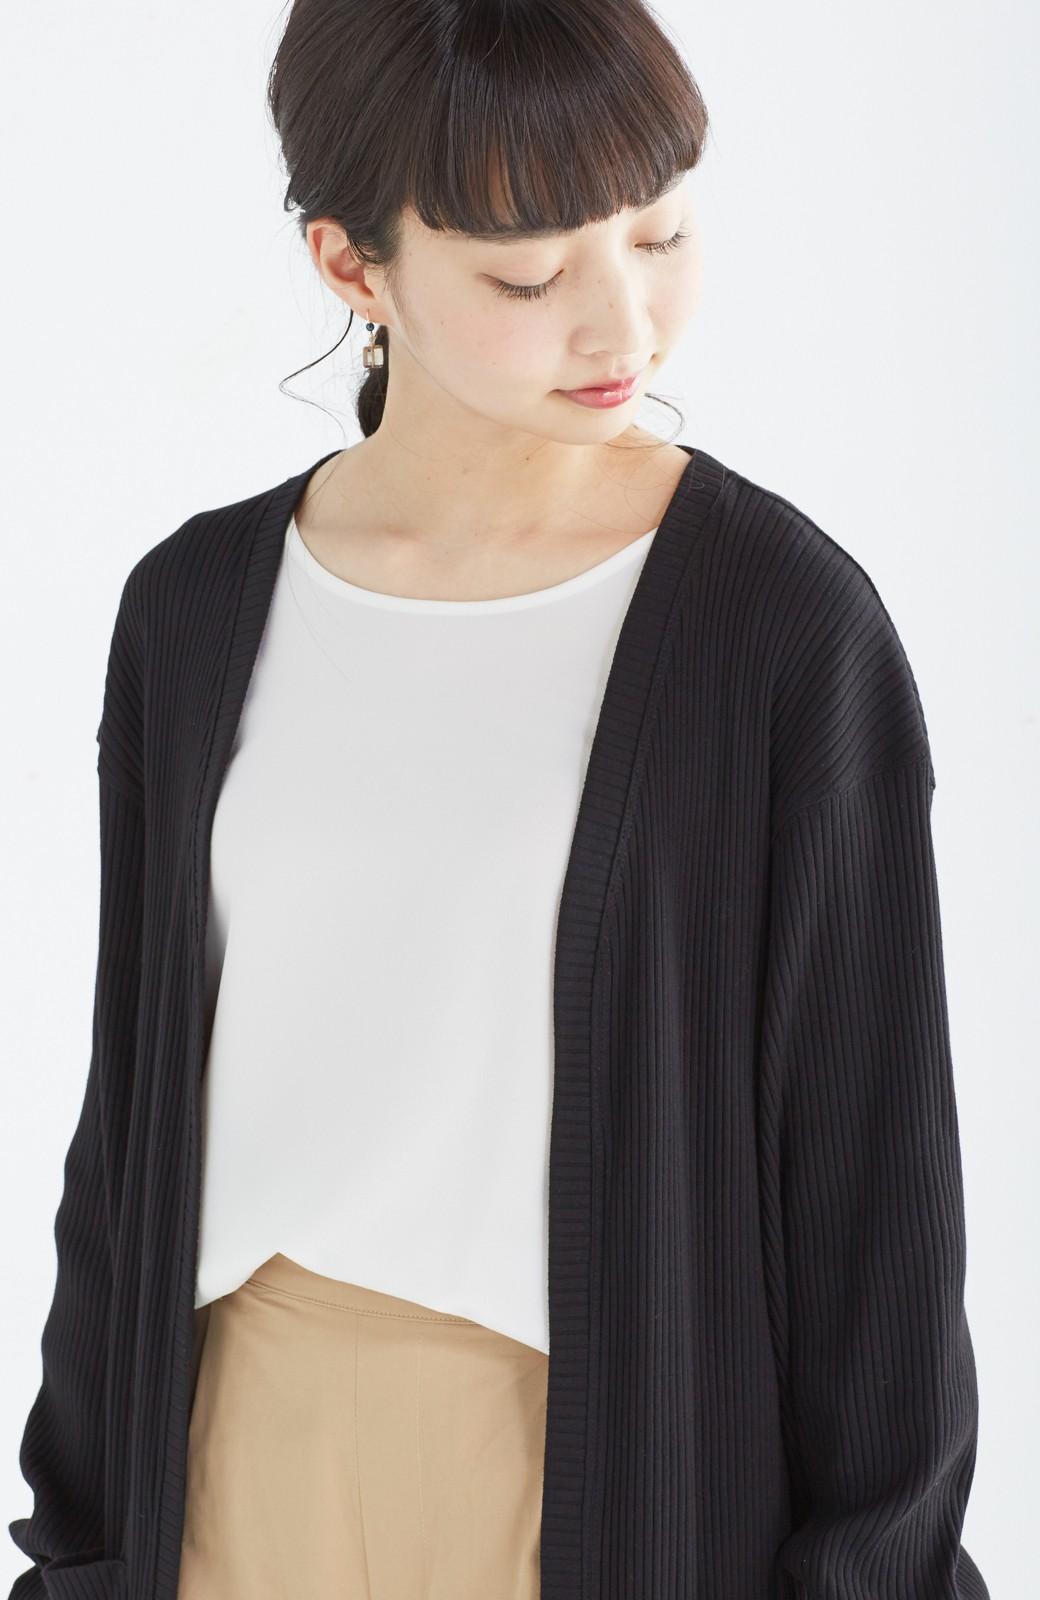 エムトロワ ひとクセ袖の上にも着られる!UVカット&吸水速乾素材のドルマン風カーディガン <ブラック>の商品写真13